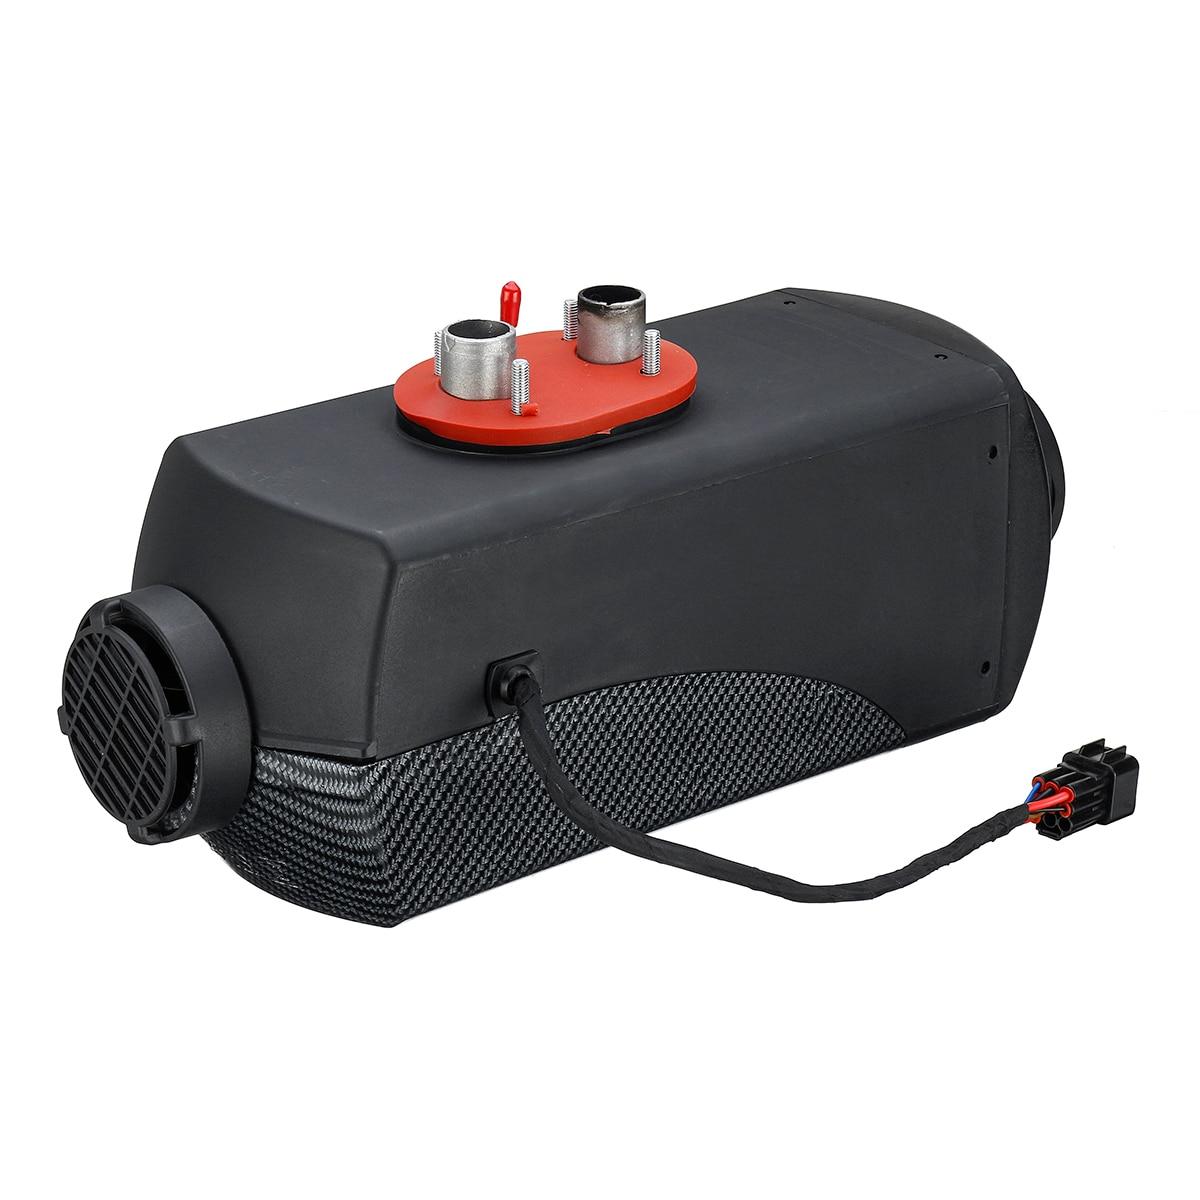 Diesel Riscaldatore Ad Aria 5KW 12 V Planare LCD Per I Camion Auto Barche A motore Case Ultime Kit Monitor per CAMPER camper Rimorchio Con Telecomando - 3